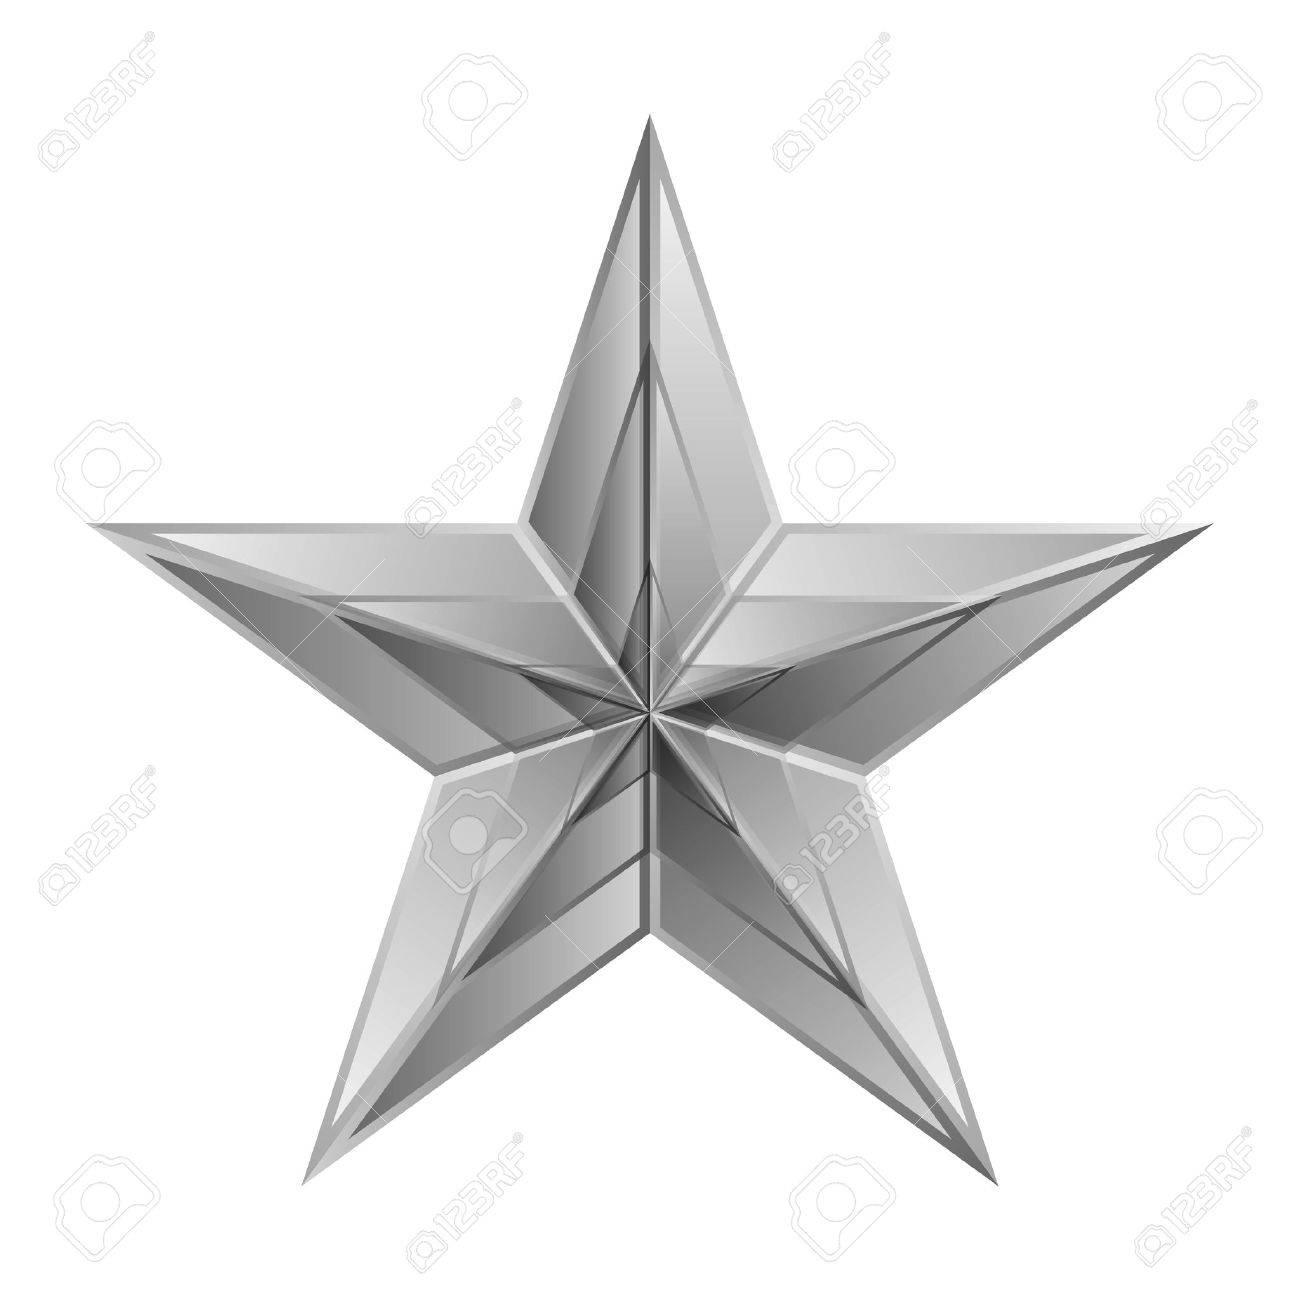 40734840-vector-illustration-de-l-étoile-d-argent